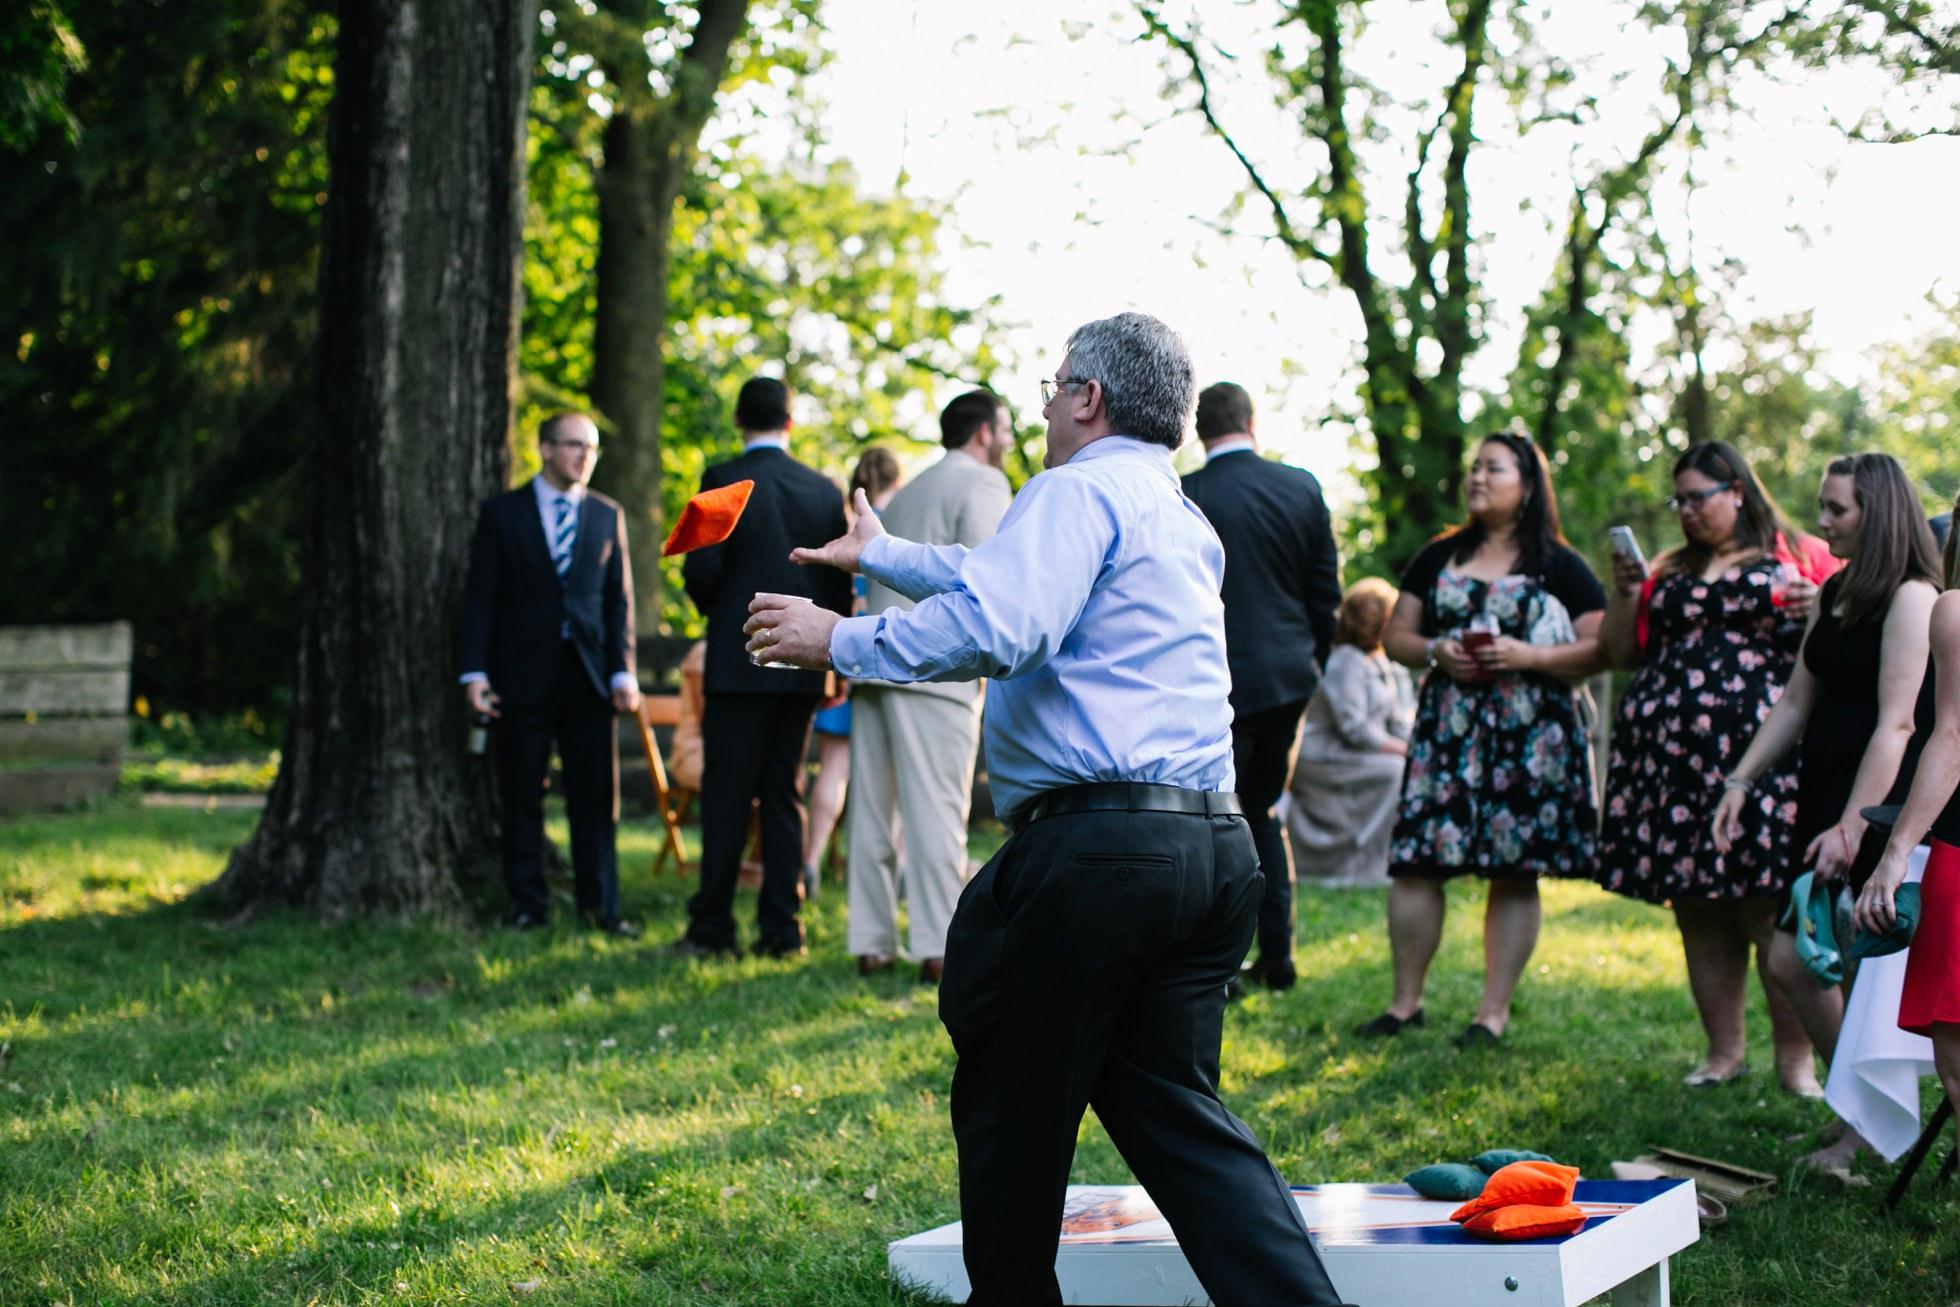 Romantic Bartram's Garden Outdoor Summer Wedding, Philadelphia | brittneyraine.com 068